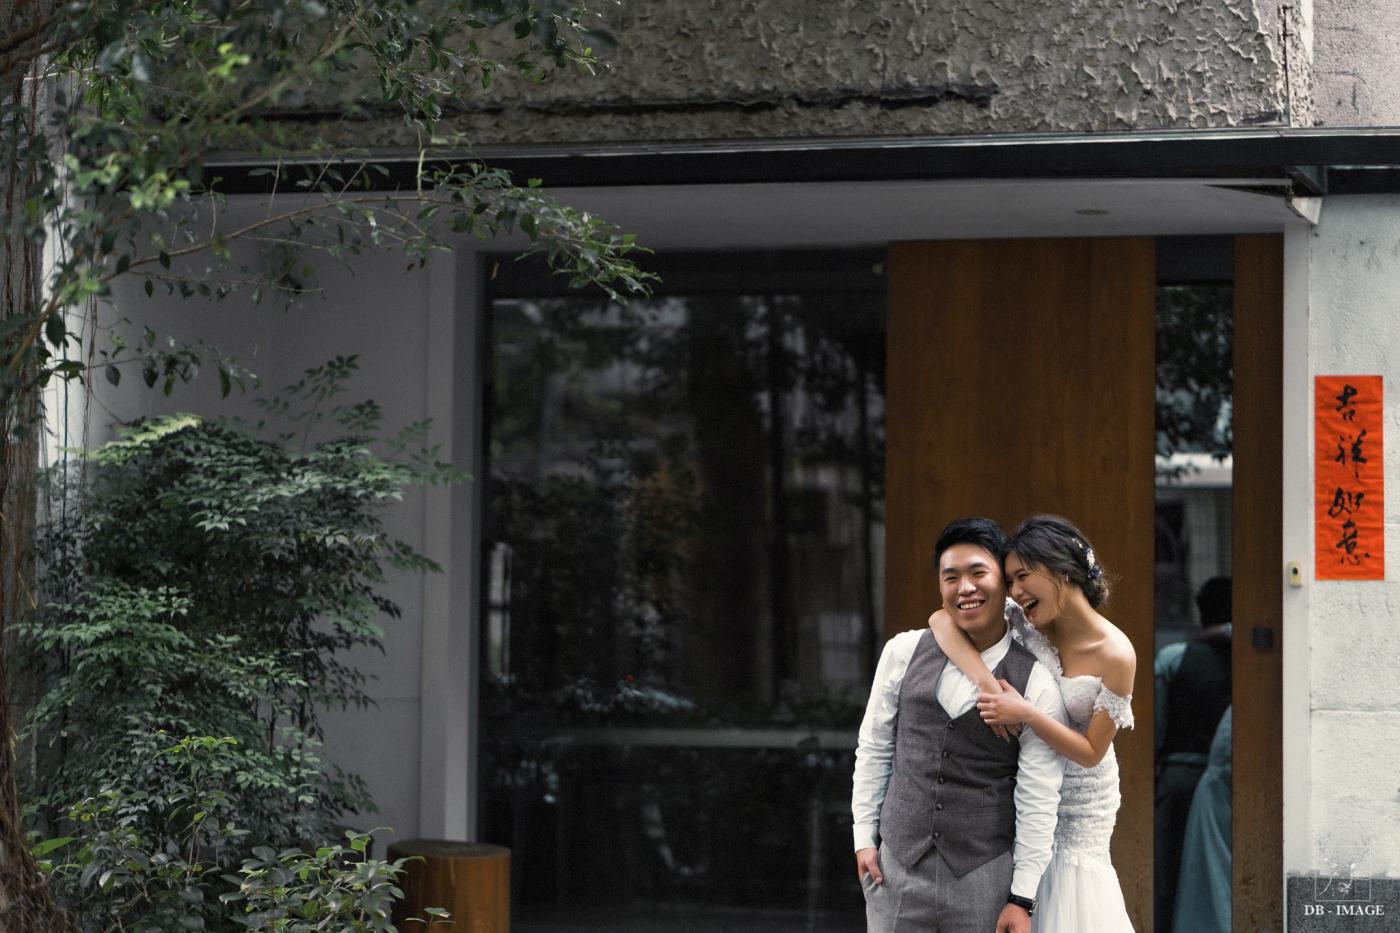 美式婚紗 婚紗攝影 冬伴影像 攝影師 冬伴 北部攝影 新竹攝影 台北攝影 自主婚紗 自助婚紗 富錦街婚紗 冷水坑婚紗 陽明山婚紗_DB_4241